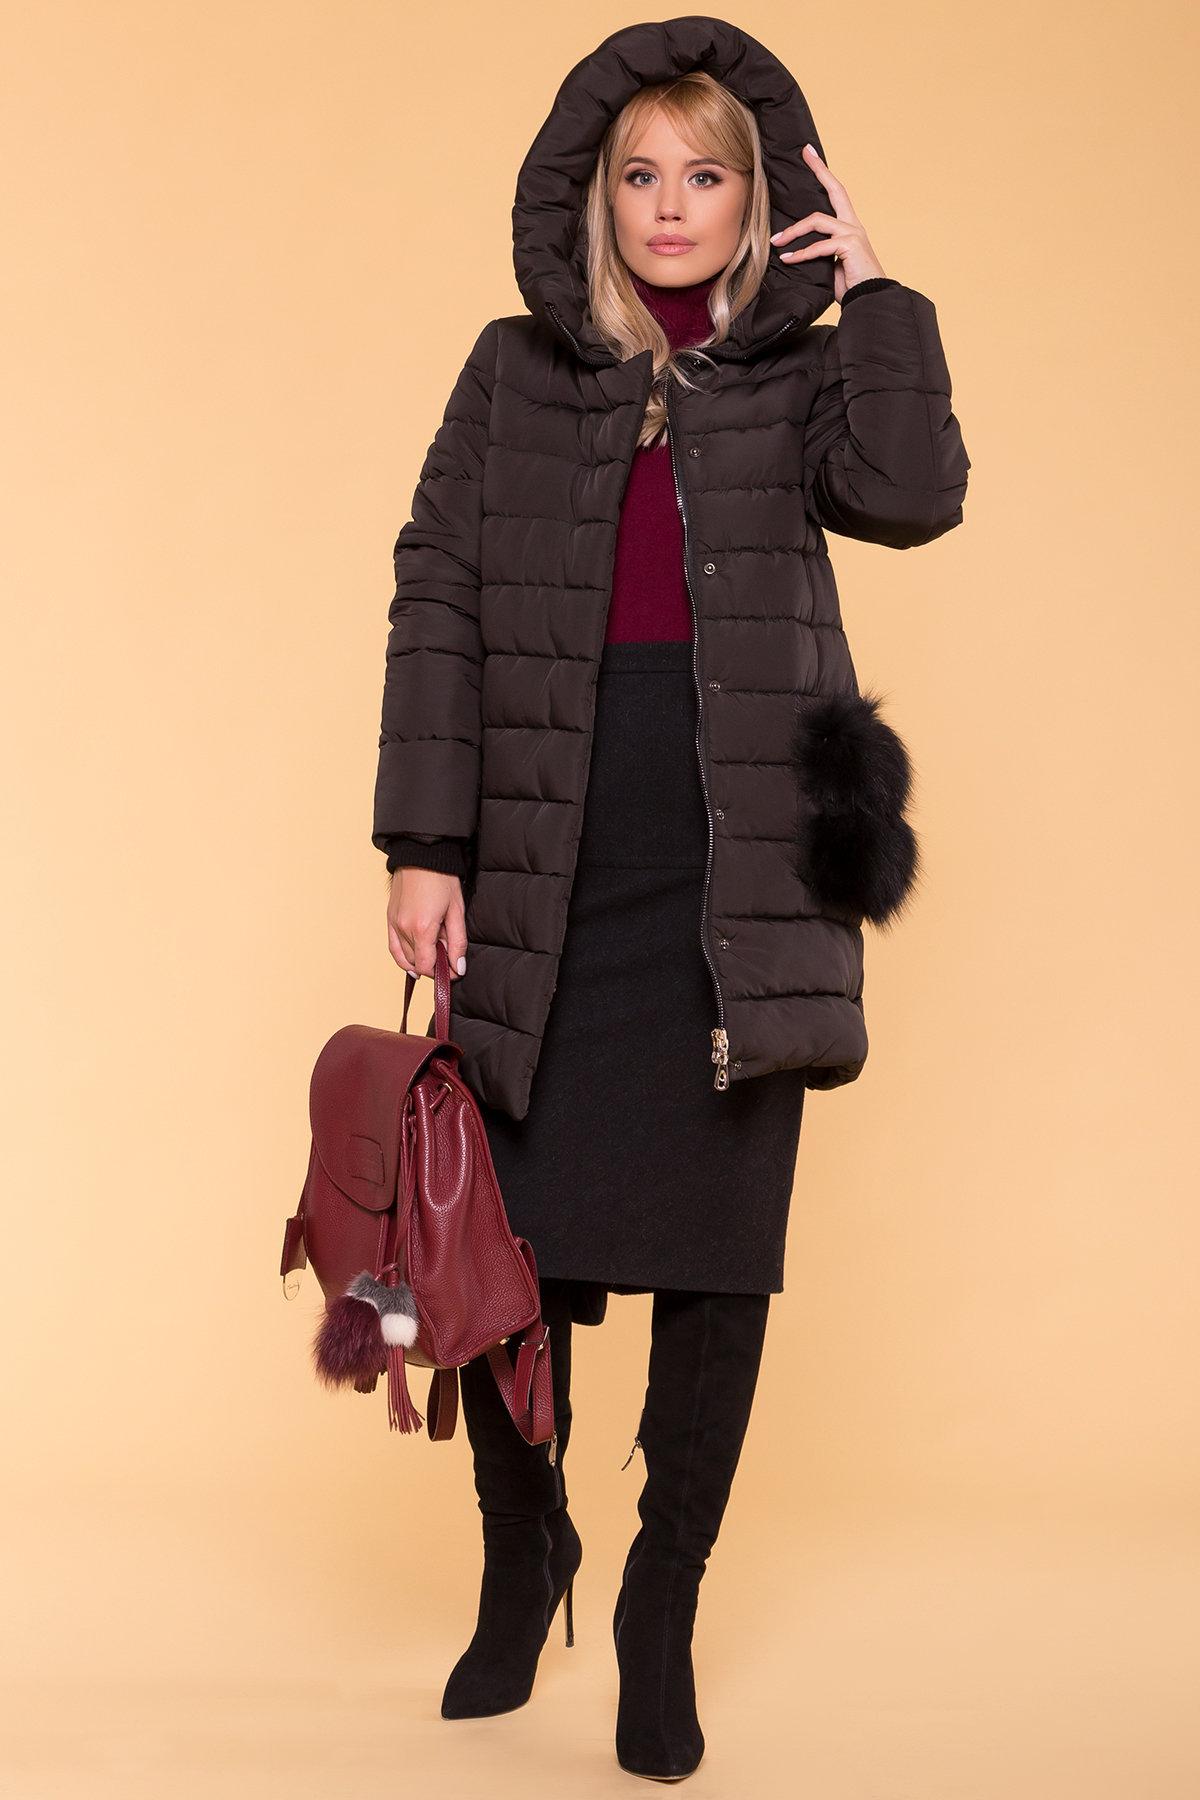 Зимний пуховик прямого кроя Лили Канада 8363 АРТ. 44551 Цвет: Черный - фото 4, интернет магазин tm-modus.ru